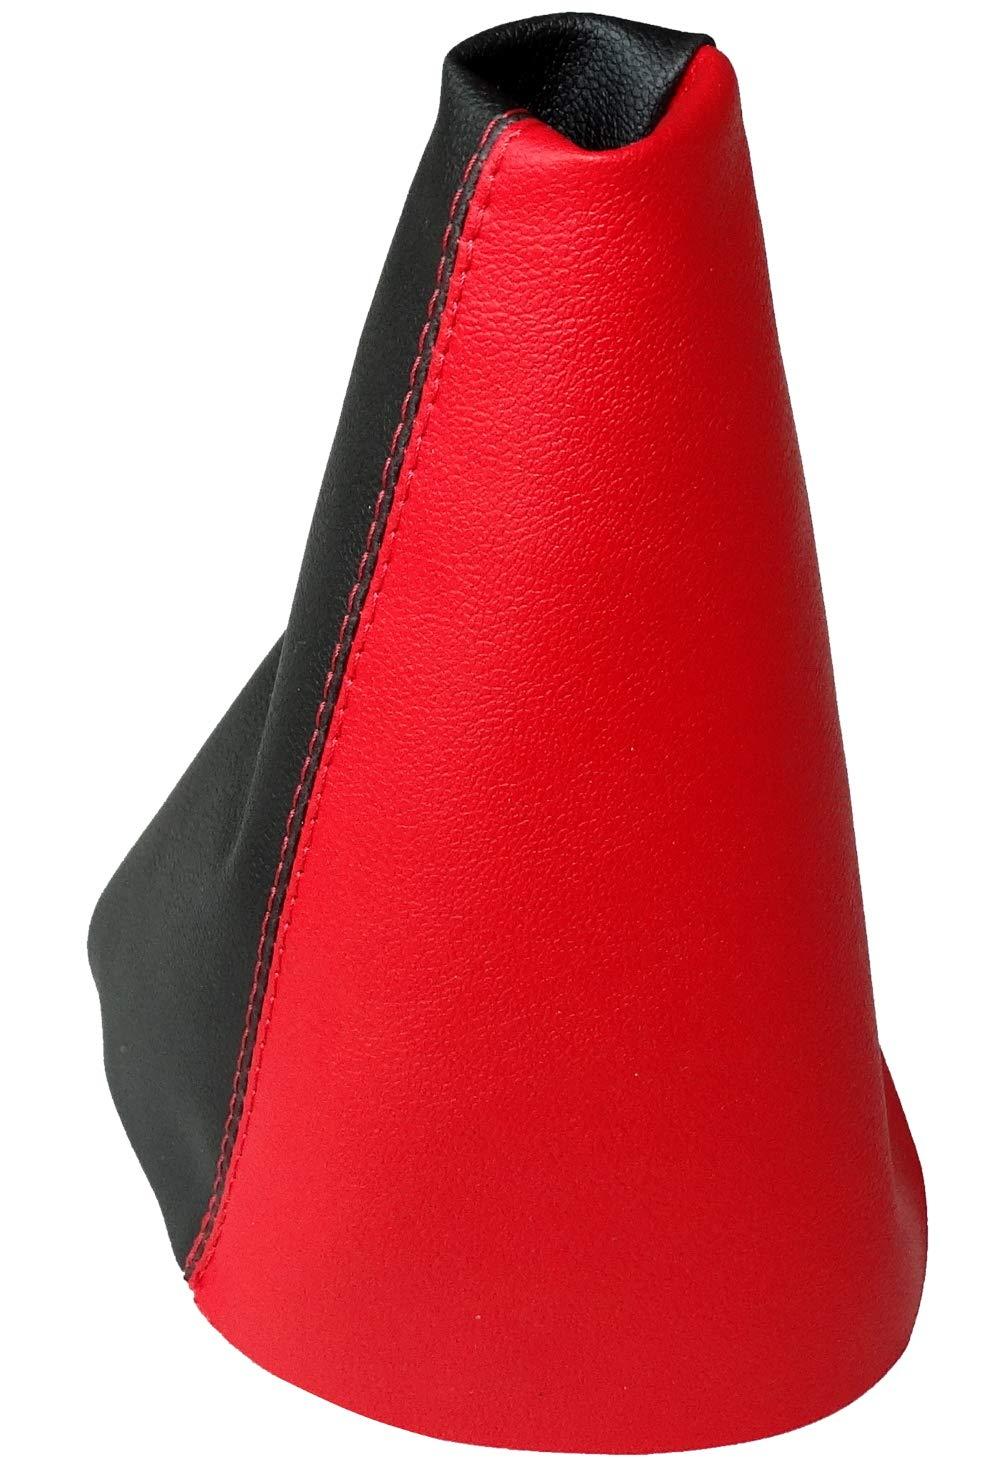 AERZETIX negro con costuras rojo Funda para palanca de cambios de piel sint/ética con costuras de colores variables